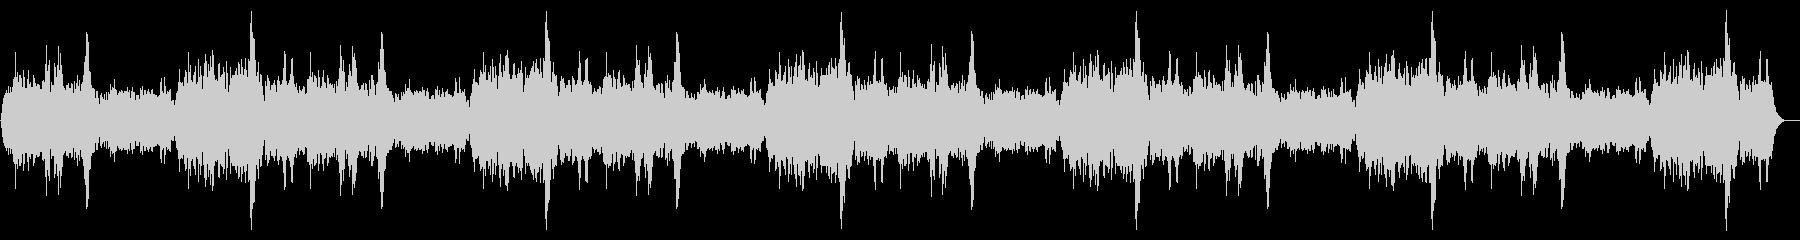 体内の音7分ループの未再生の波形